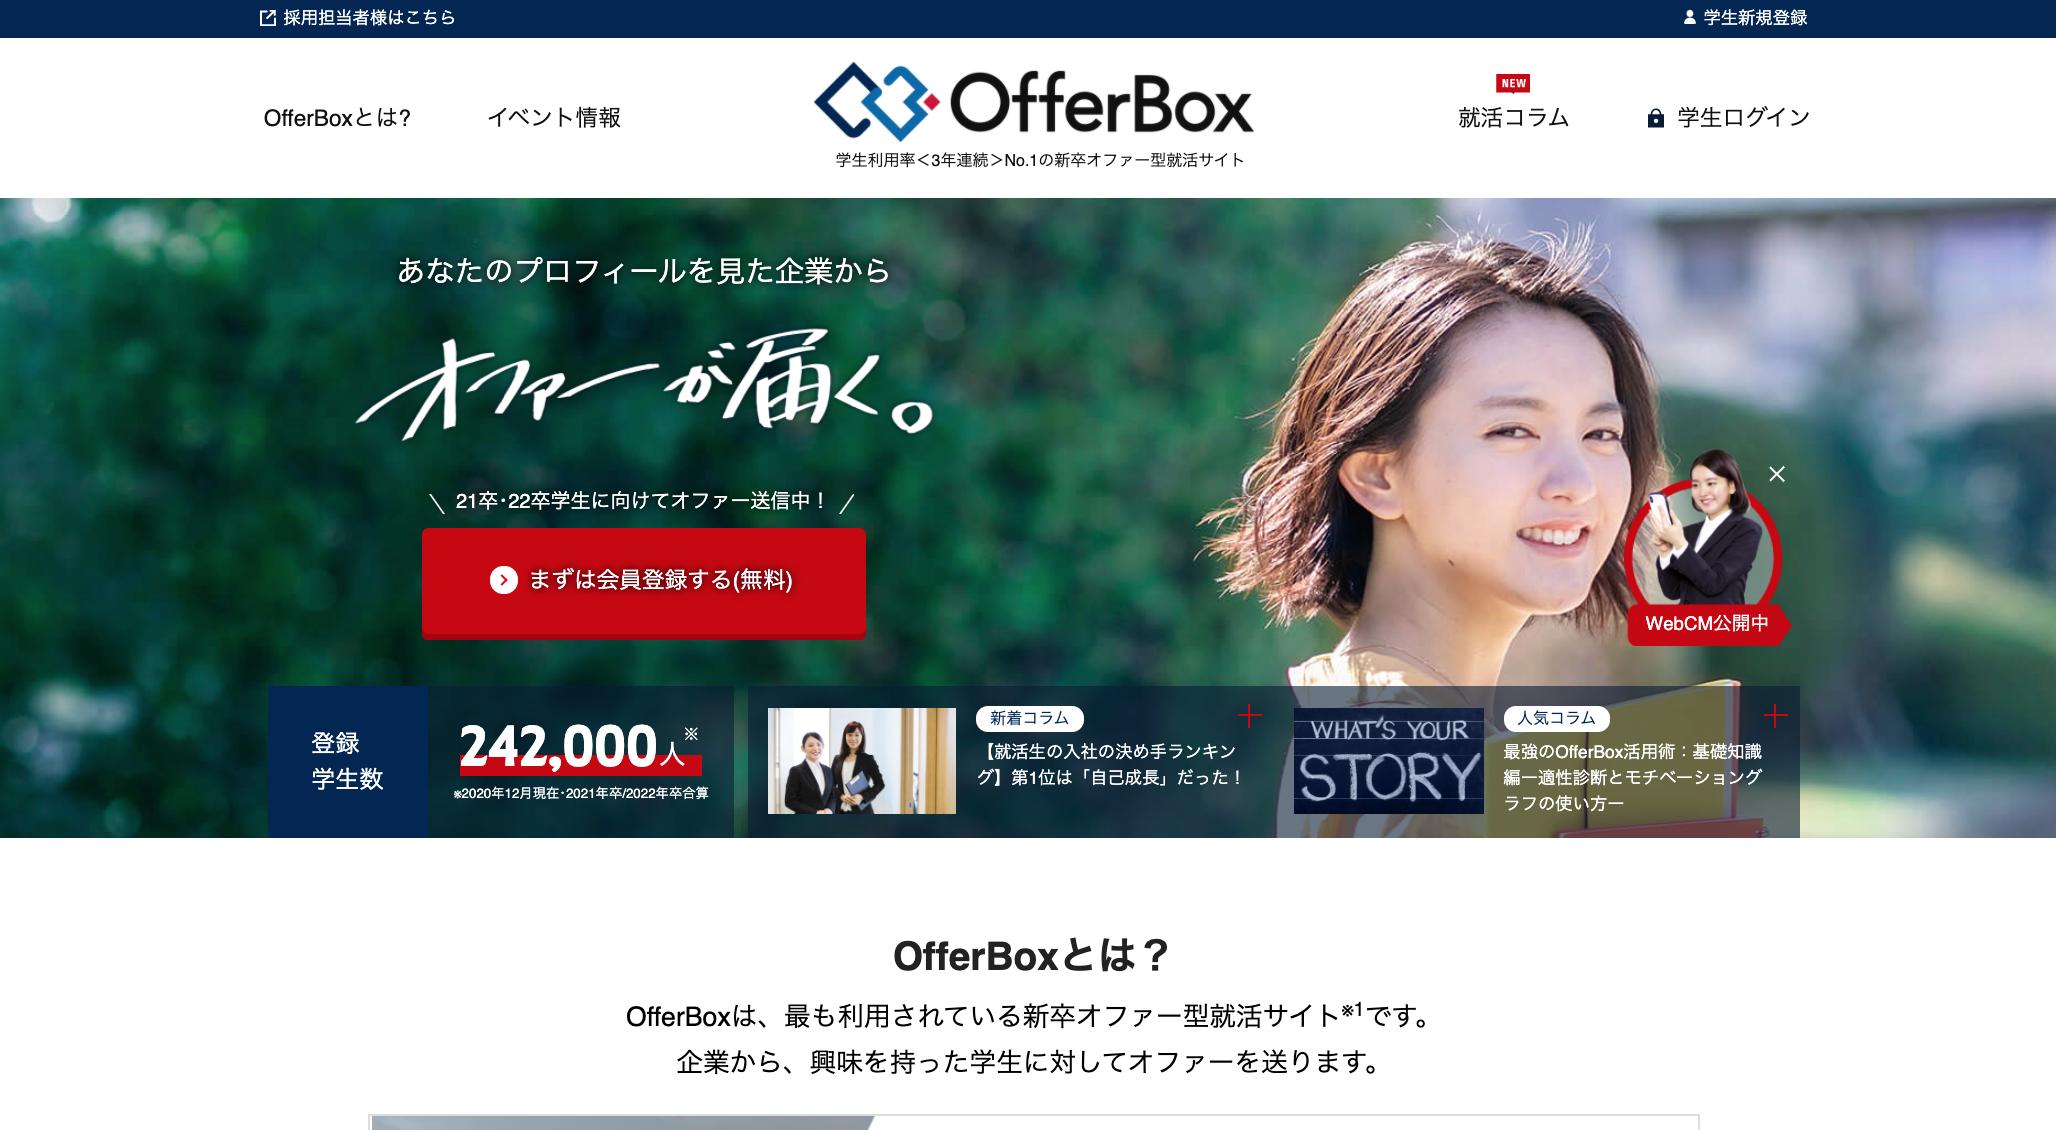 OfferBoxのサービス画像